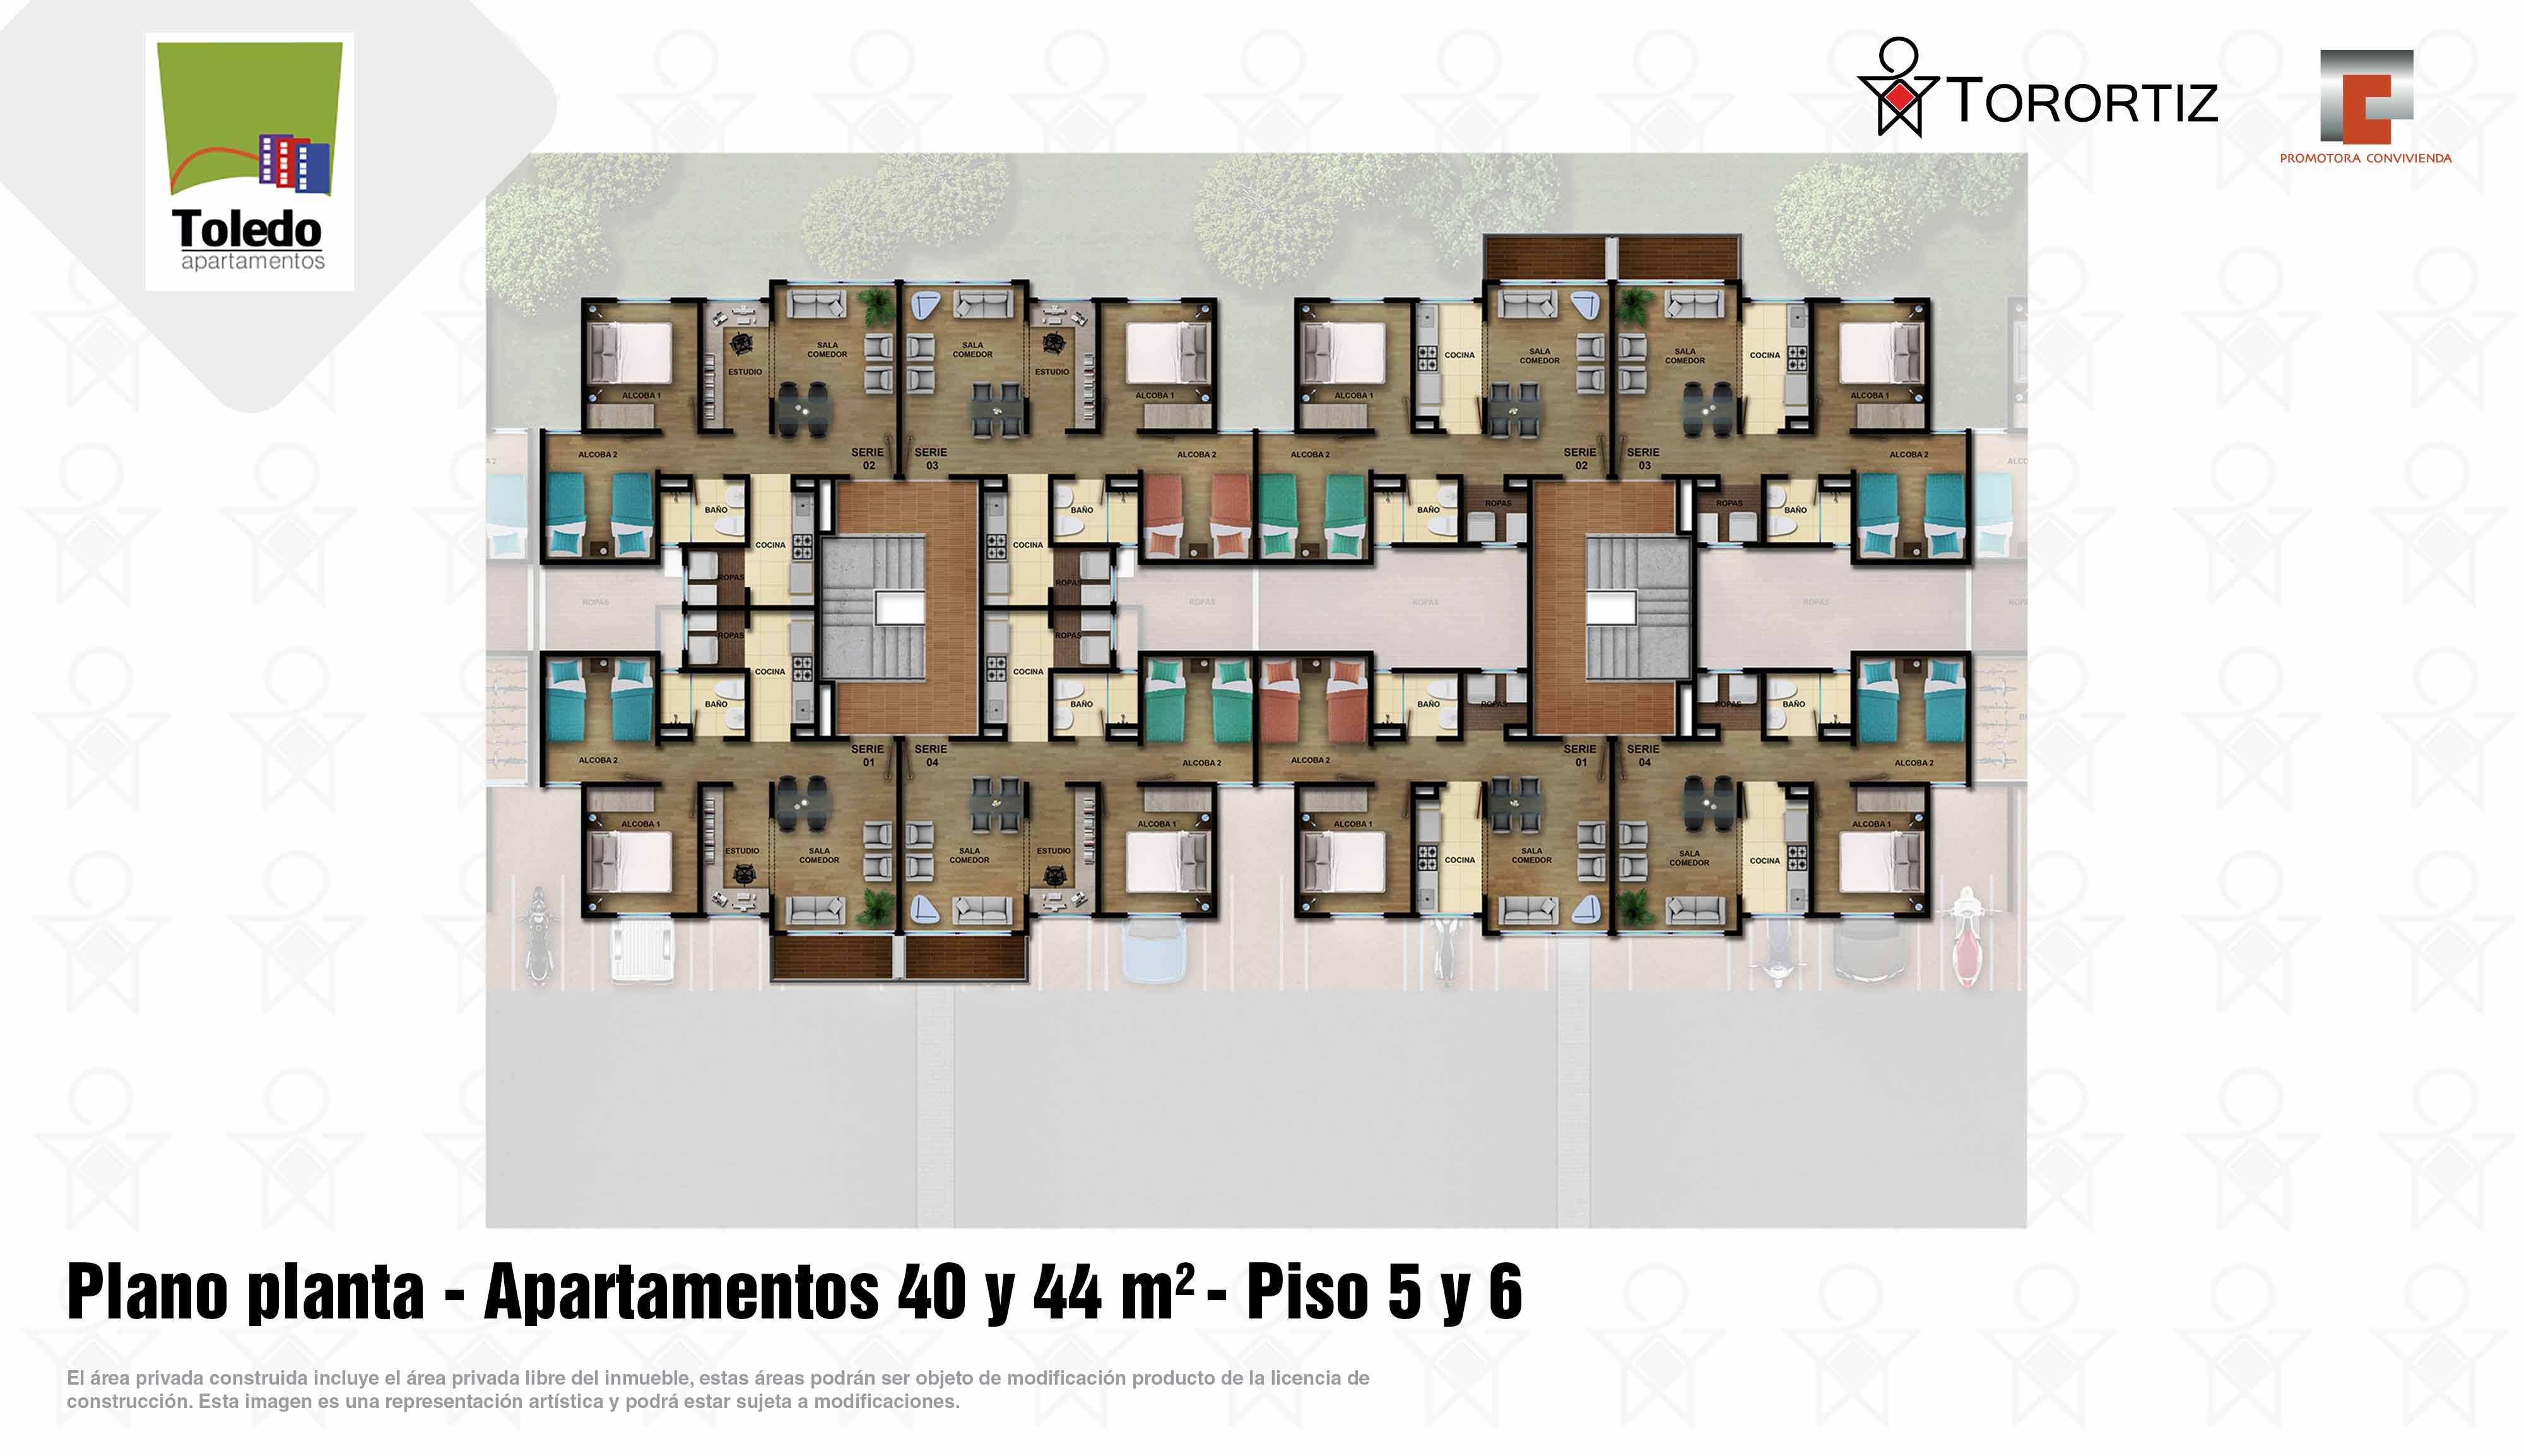 Plano_de_planta_Toledo_Apartamentos_Torortiz_Nuevos_en_venta_Soacha_desde_75_millones